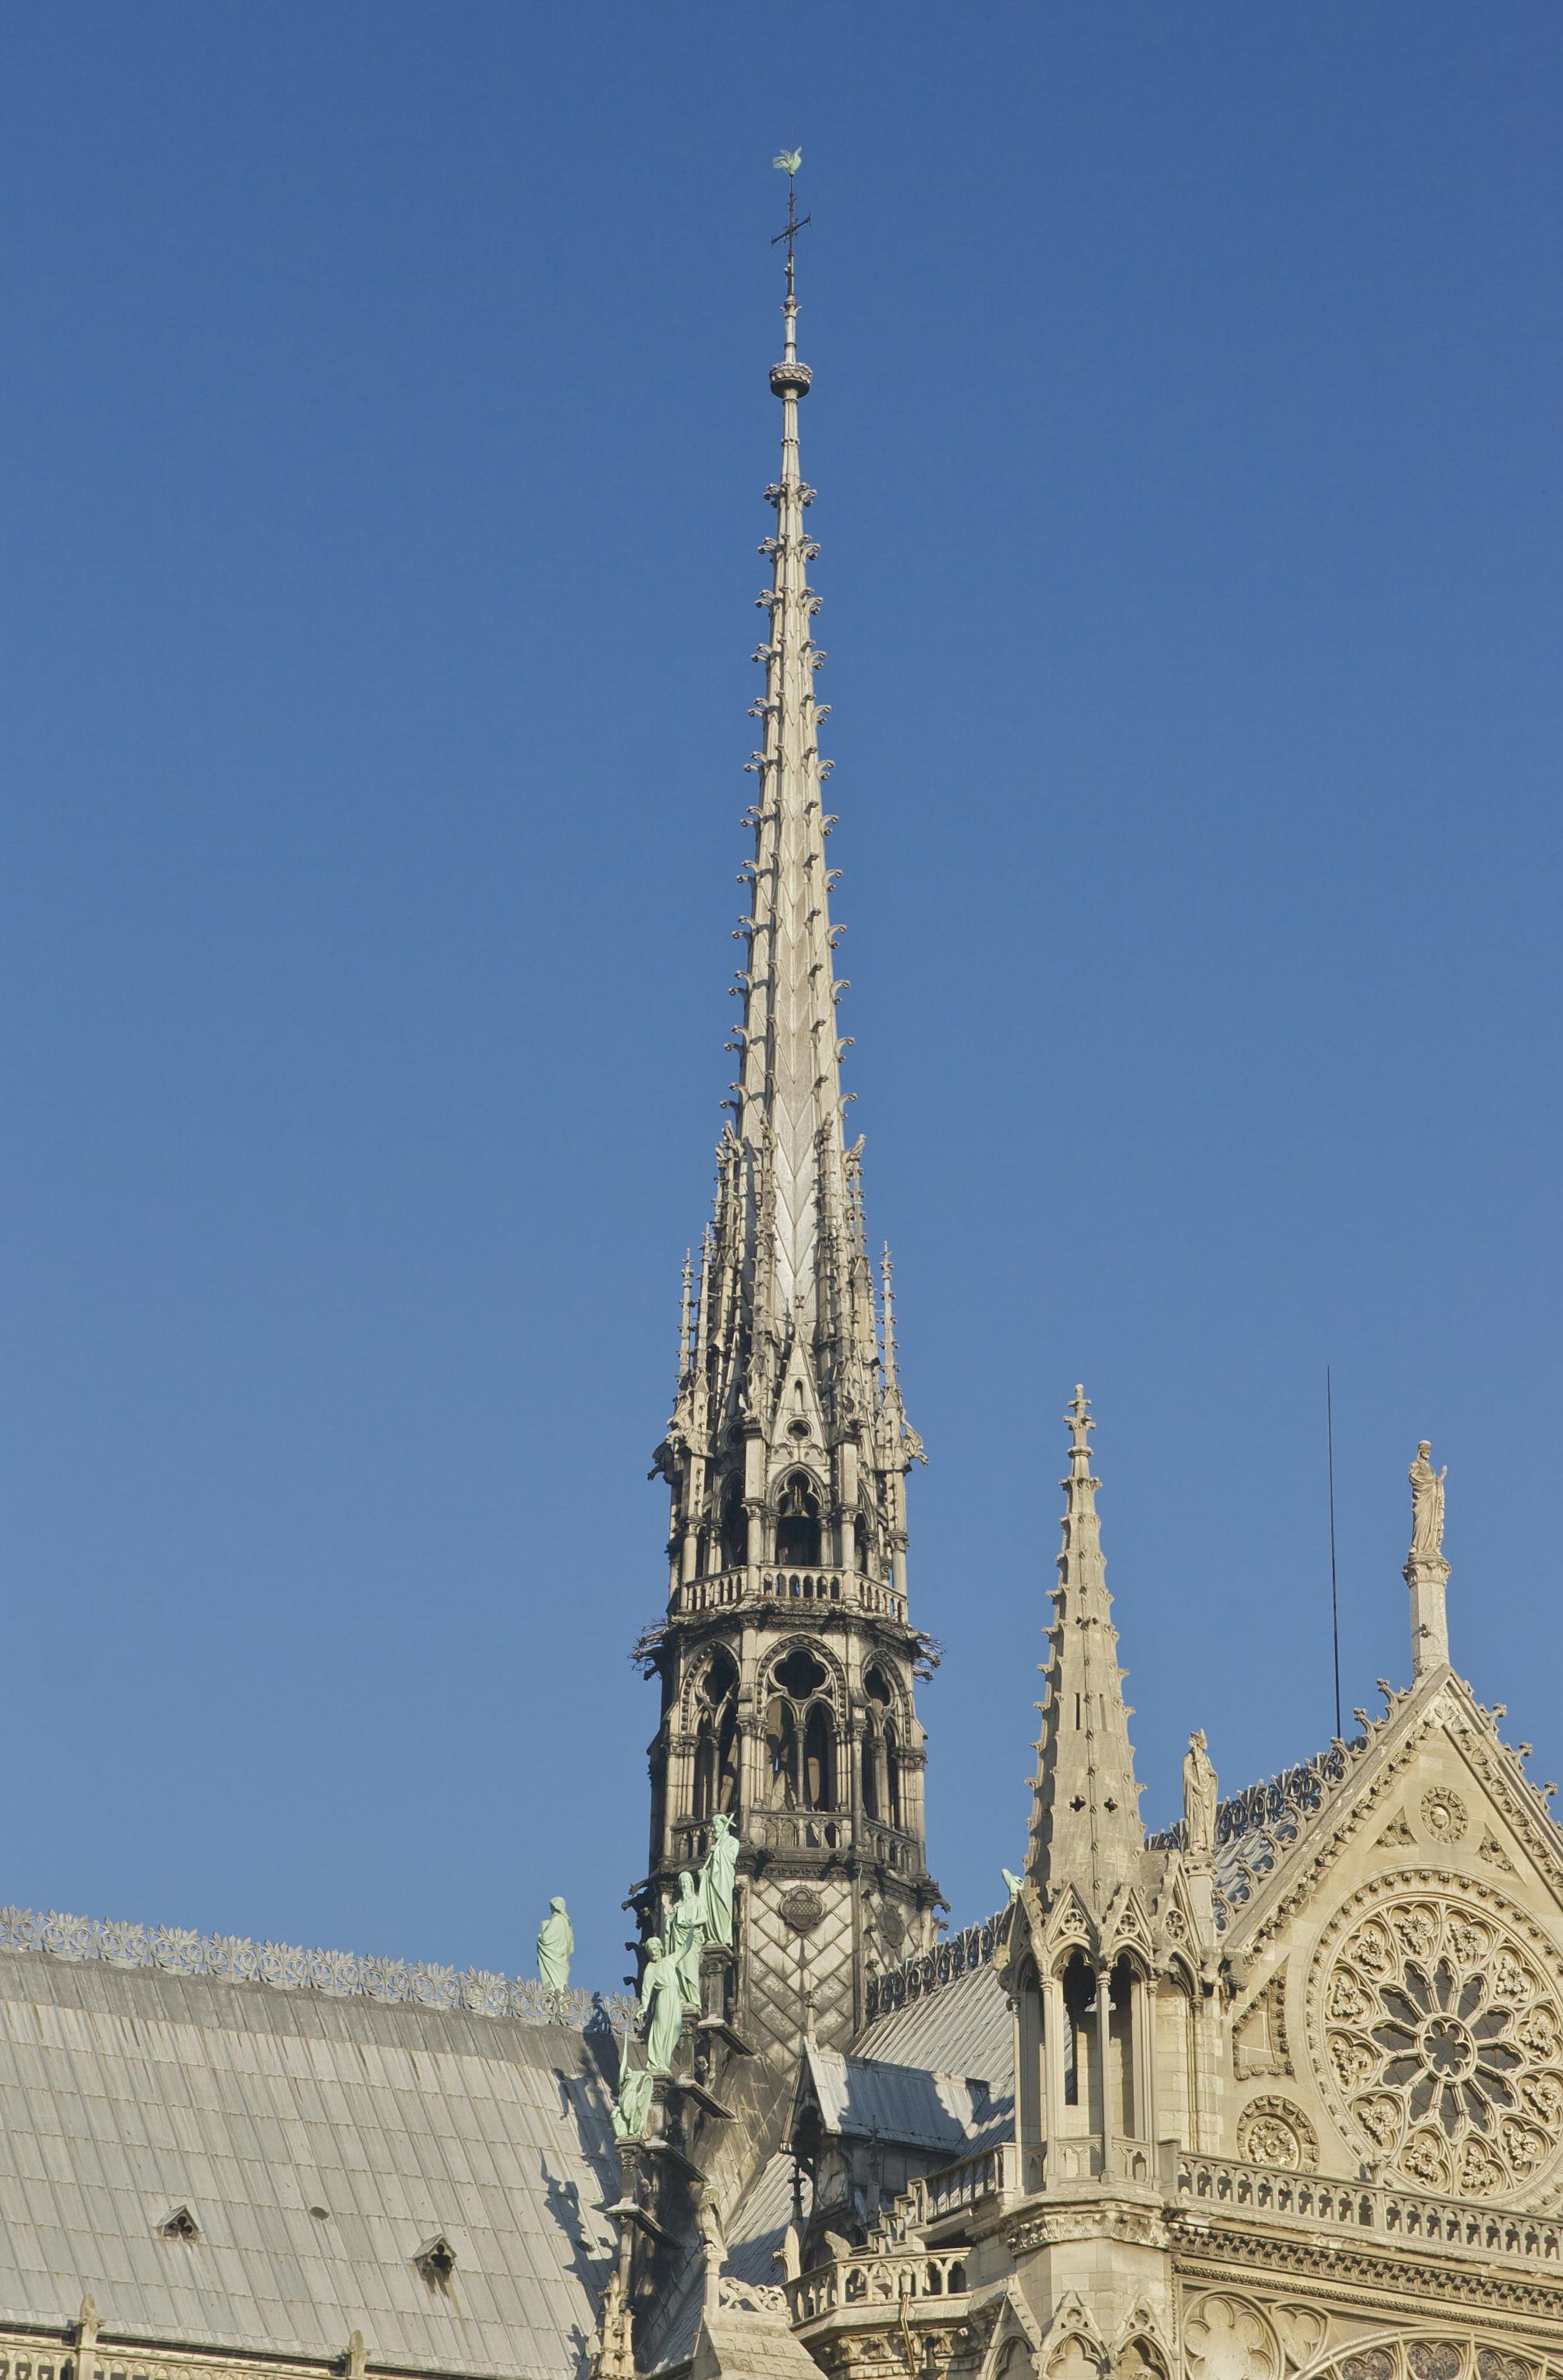 Notre Dame De Paris Histoire Des Arts : notre, paris, histoire, Spire, Notre-Dame, Paris, Wikipedia